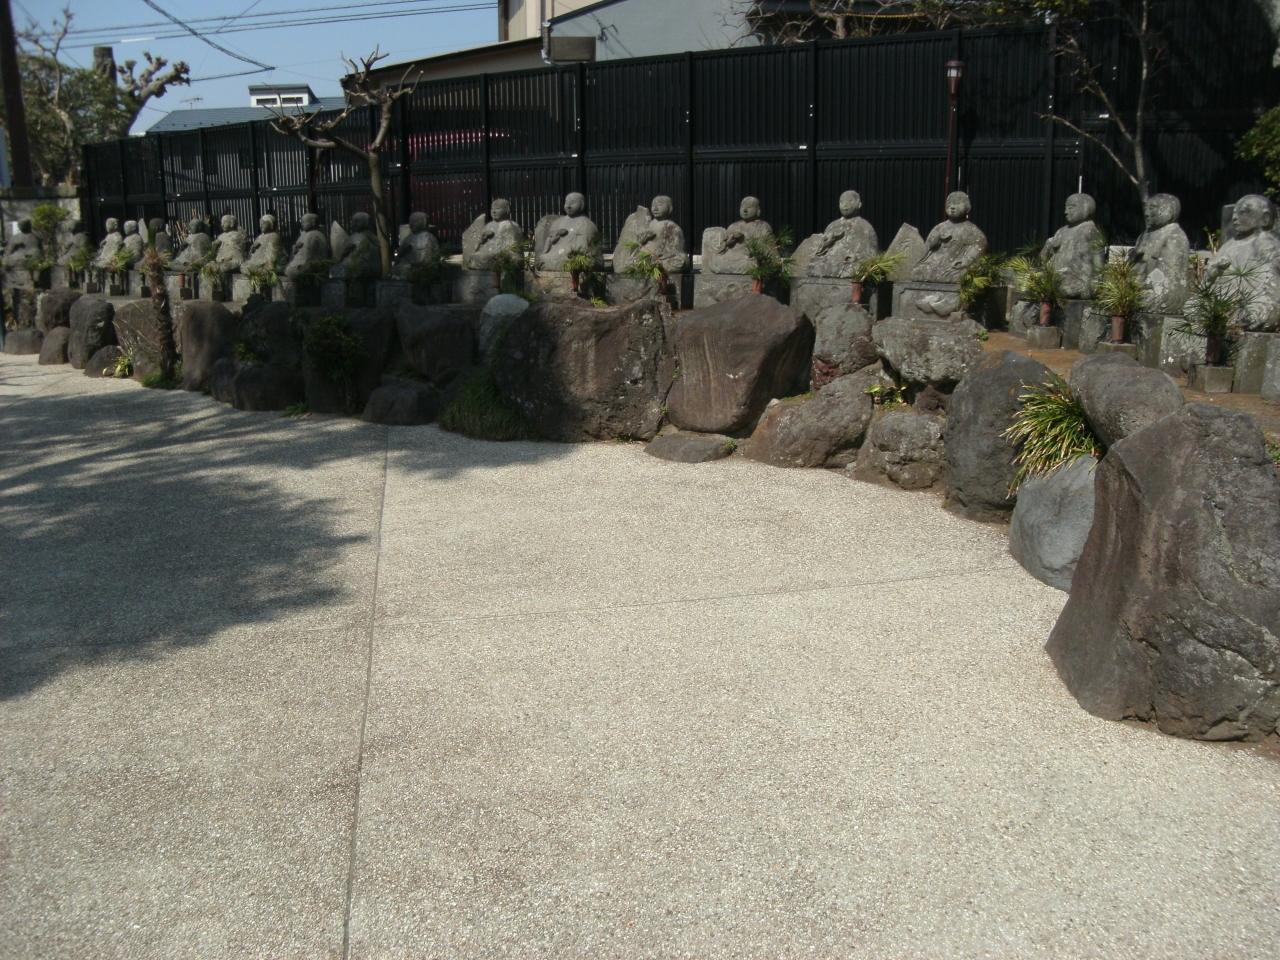 鎌倉に愛染かつらの木が・・。そして石像が多い。